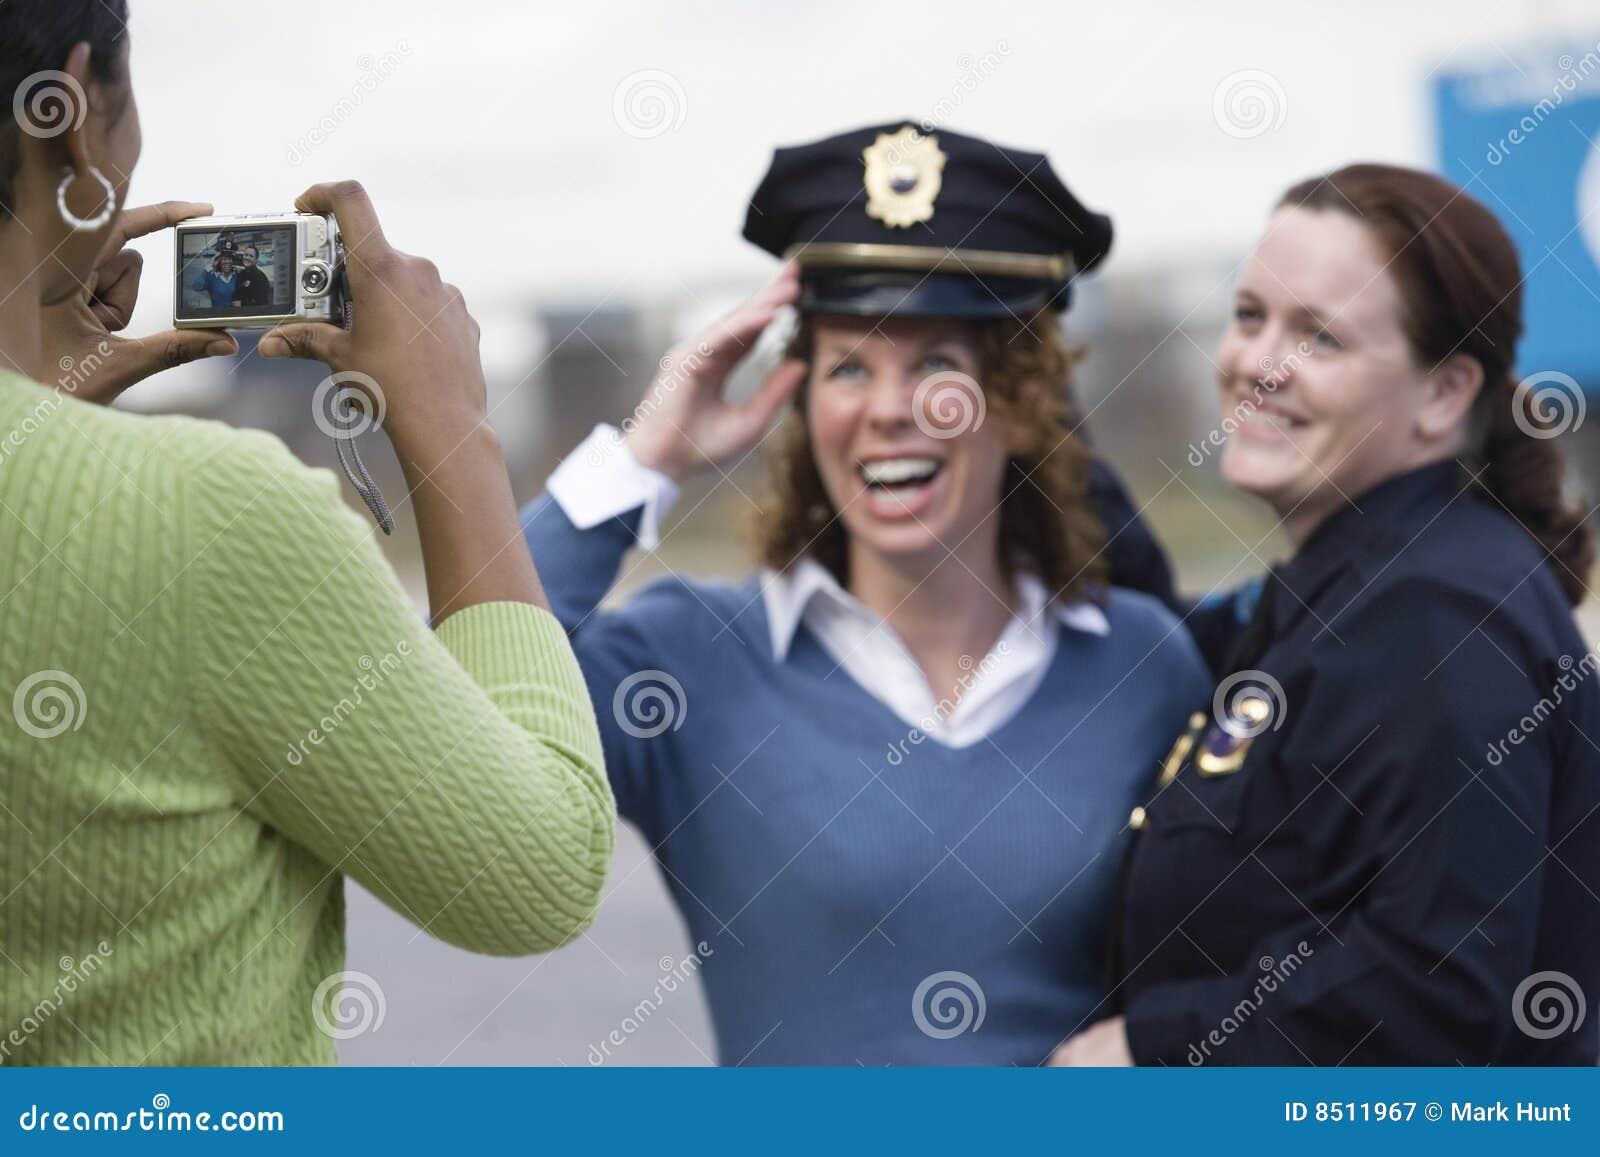 Sharing snapshot uniform women